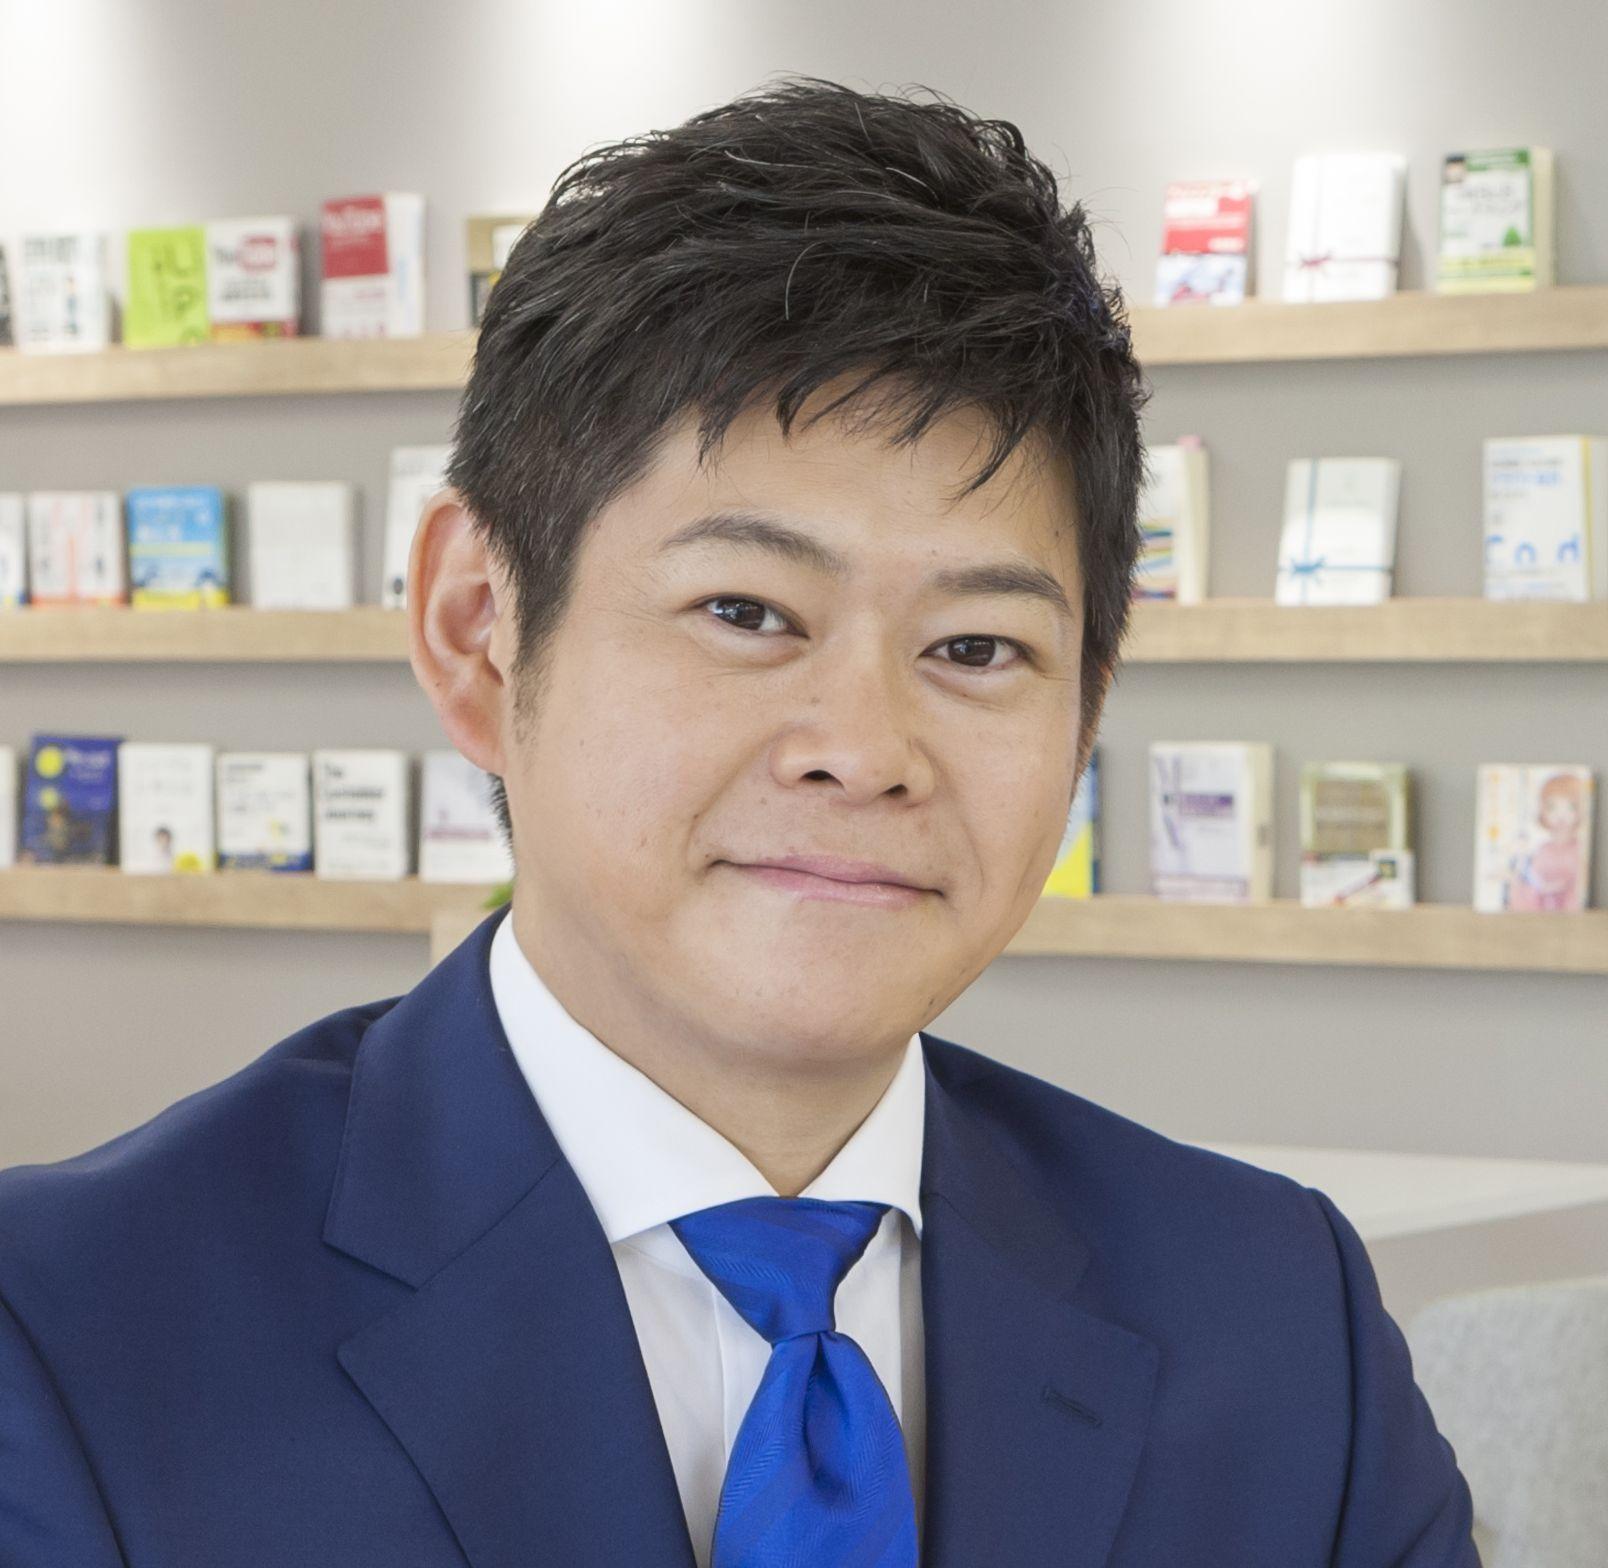 株式会社ナレッジソサエティ 代表取締役 久田敦史